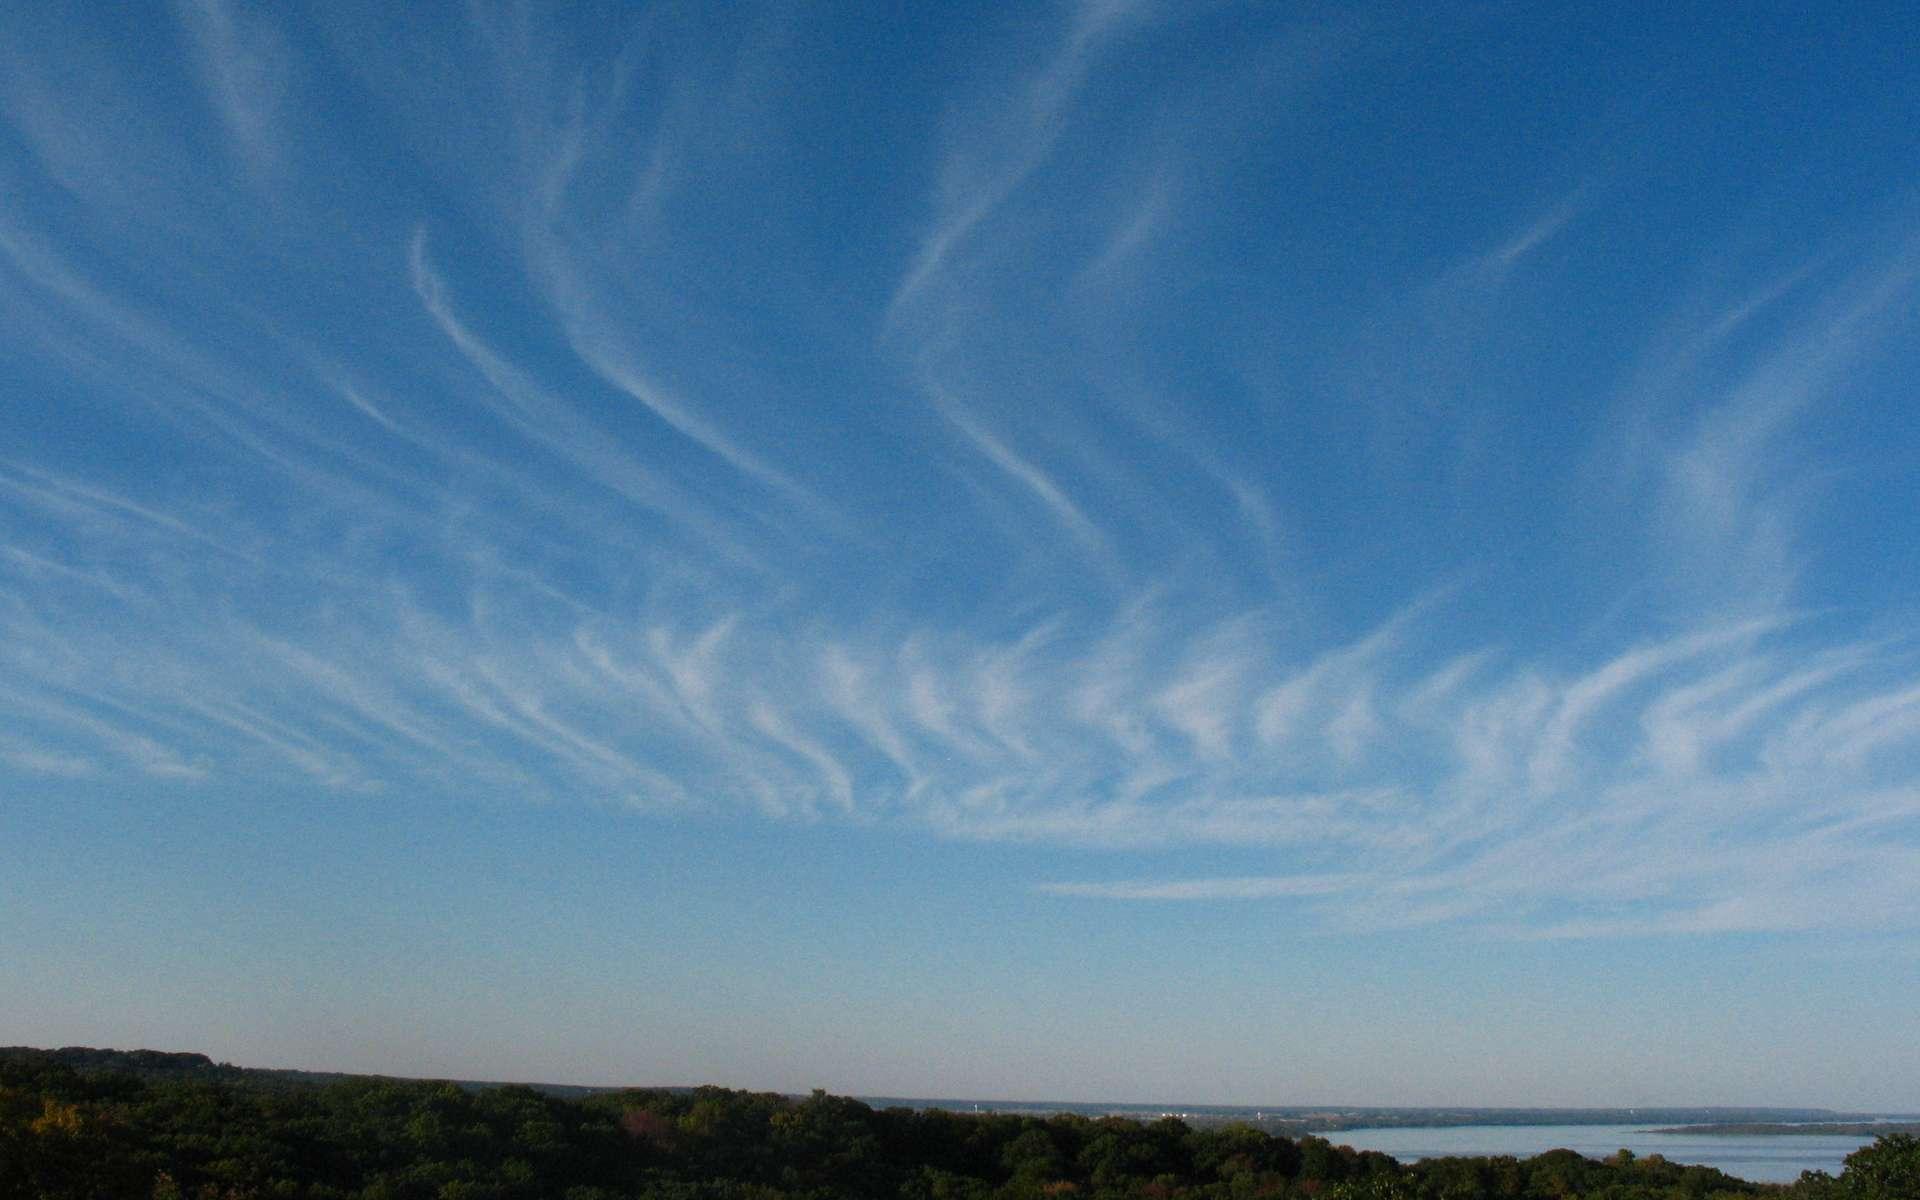 La troposphère représente les 5/6 de l'atmosphère terrestre. © K4dordy, Flickr 3.0